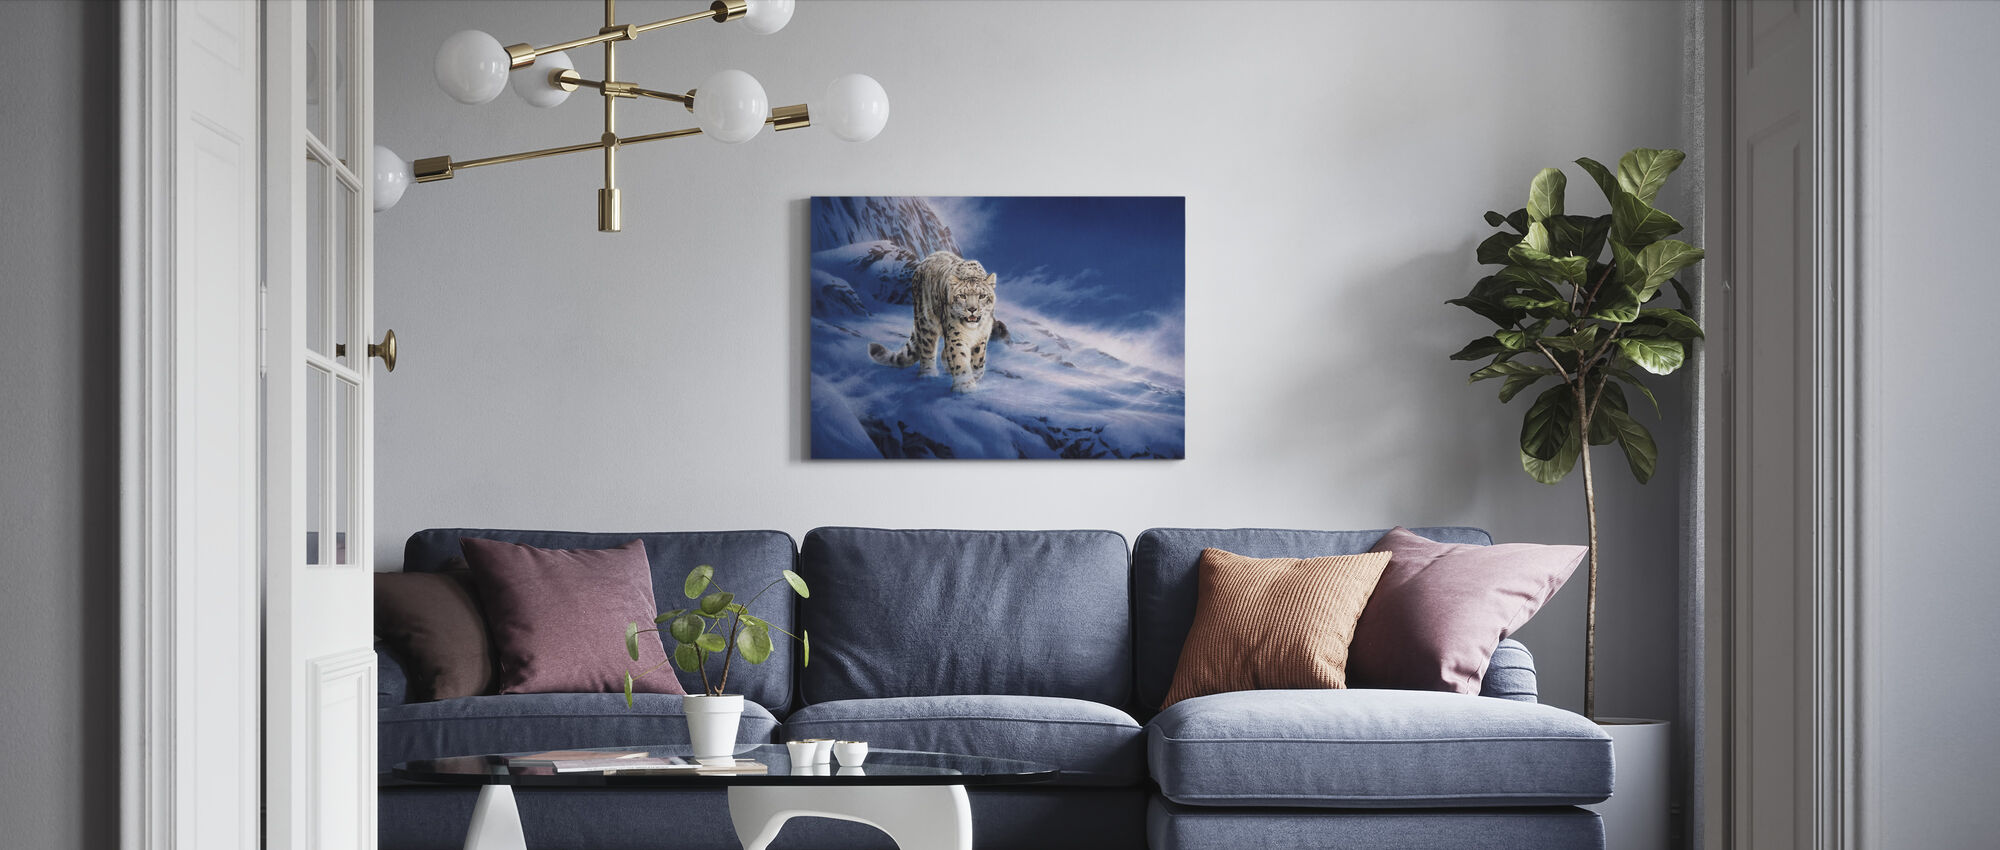 Sneeuwluipaard - Canvas print - Woonkamer